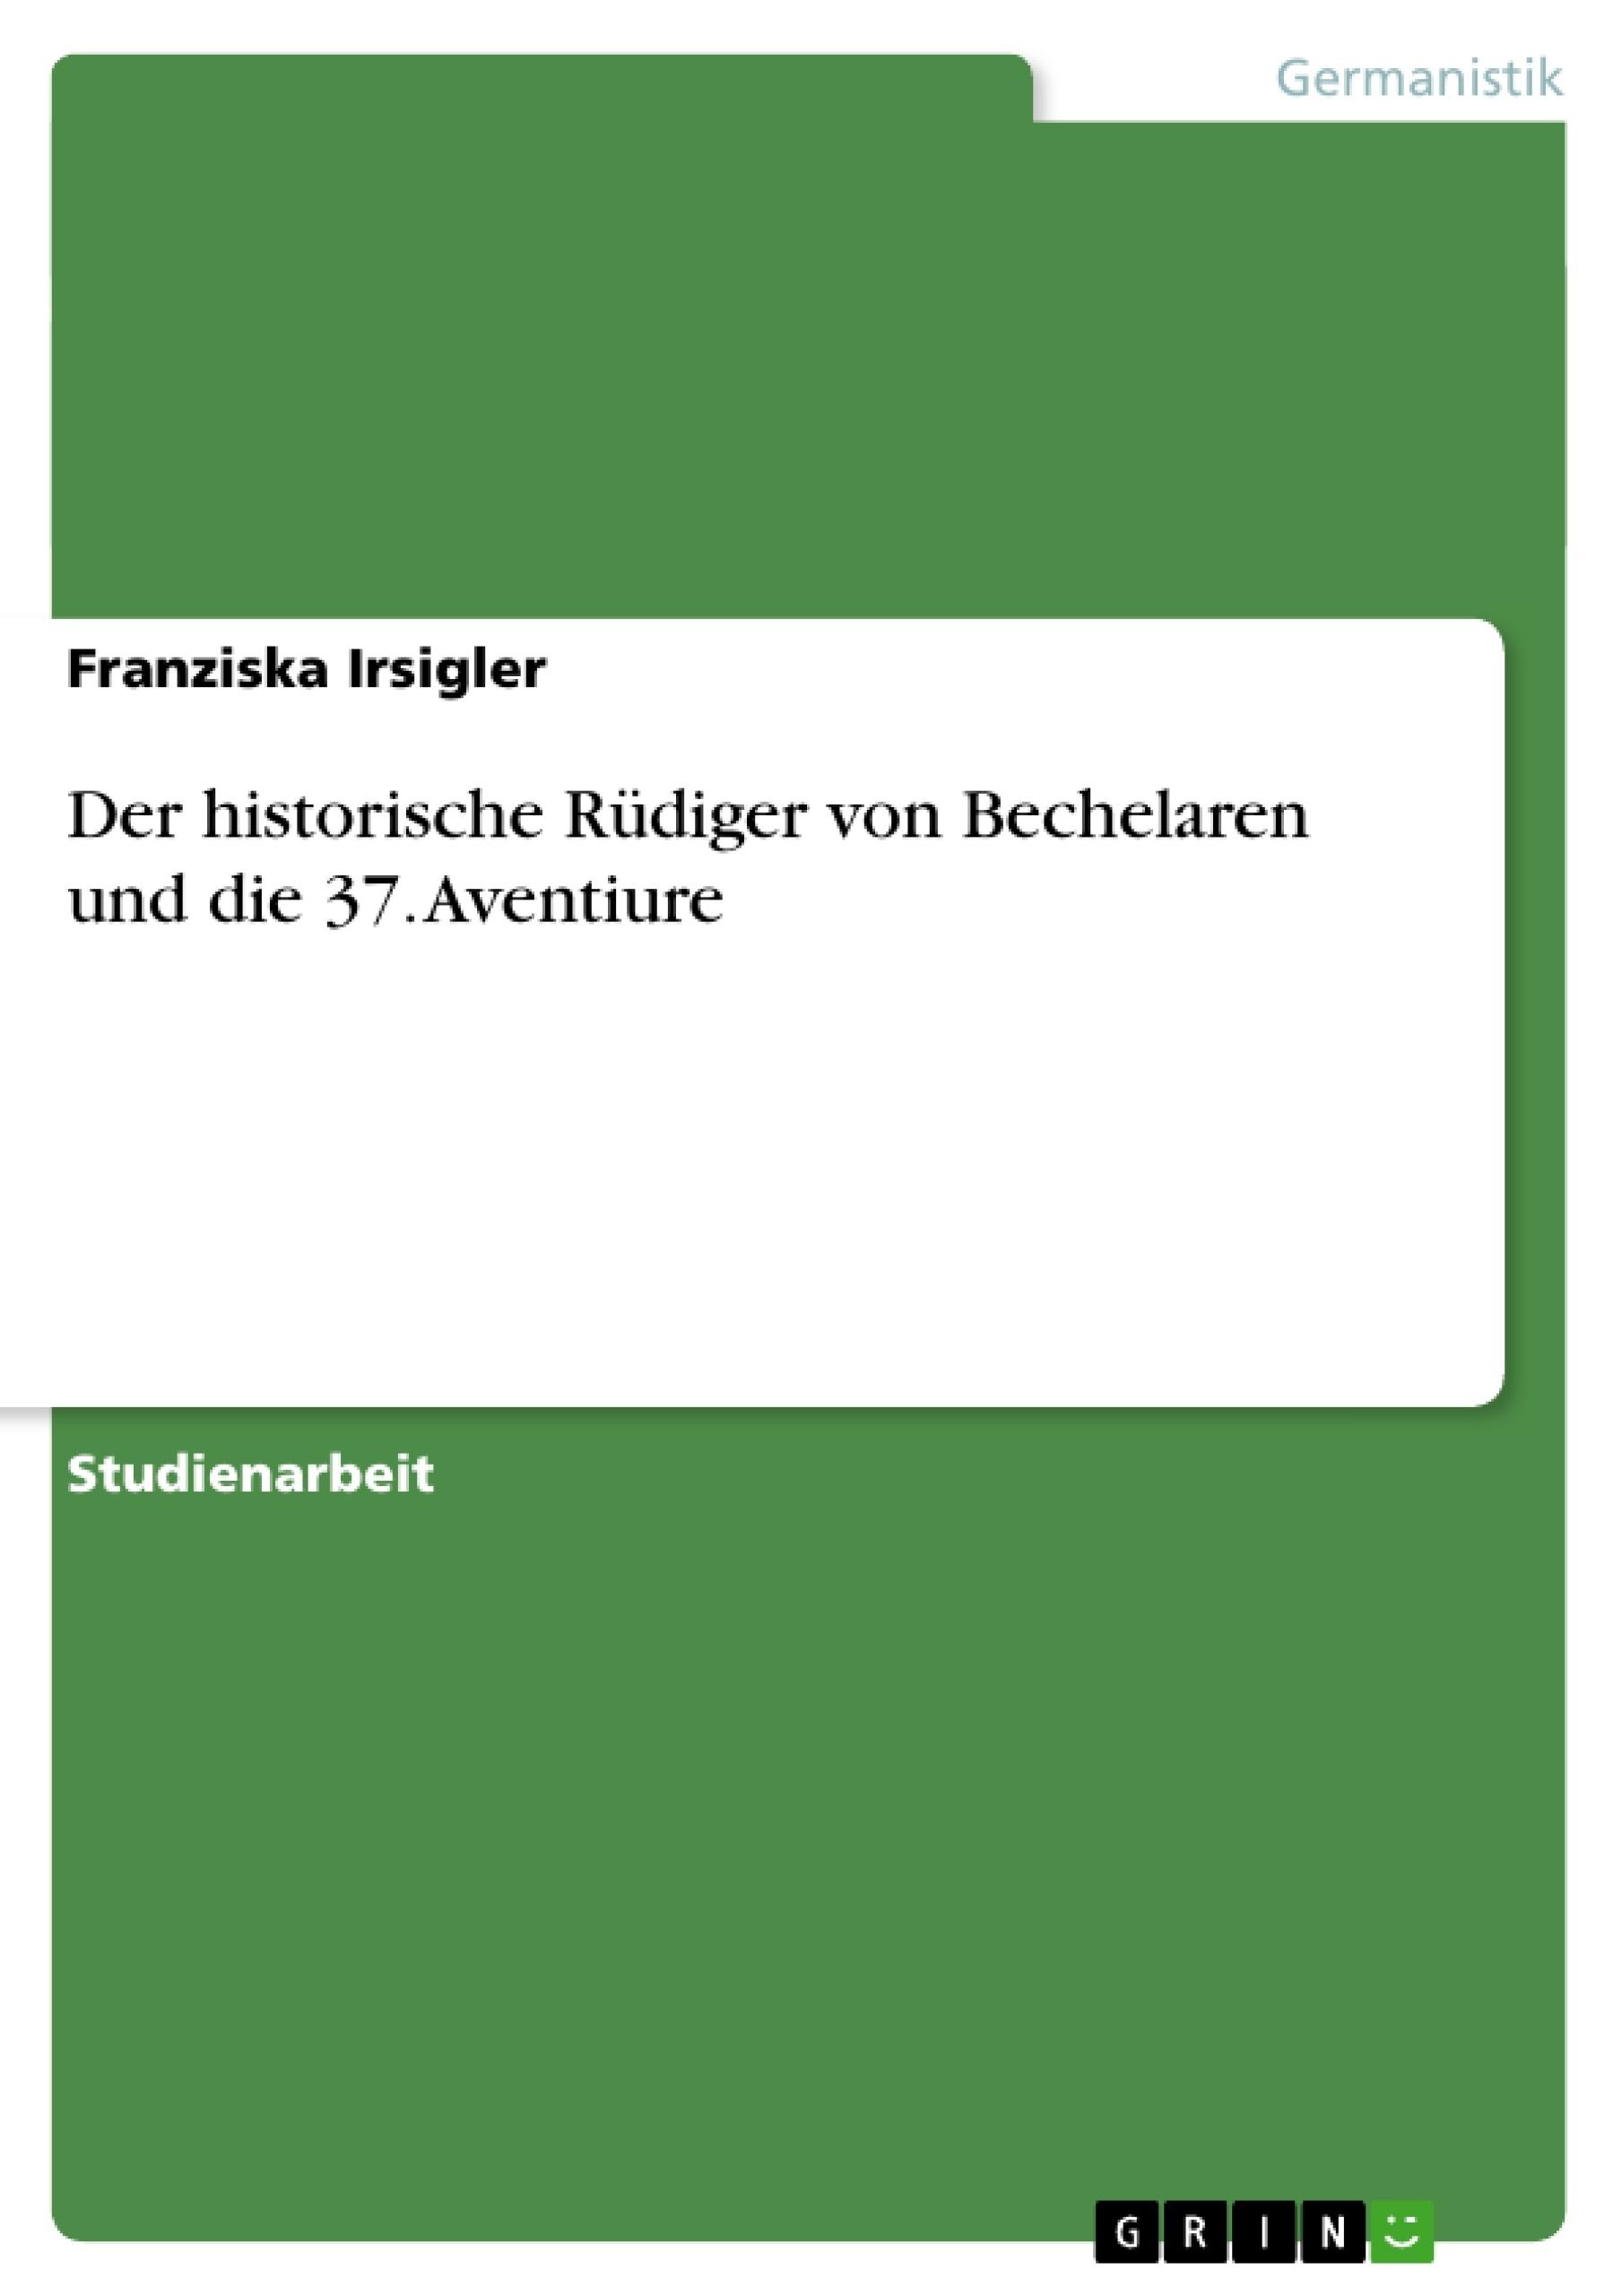 Titel: Der historische Rüdiger von Bechelaren und die 37. Aventiure